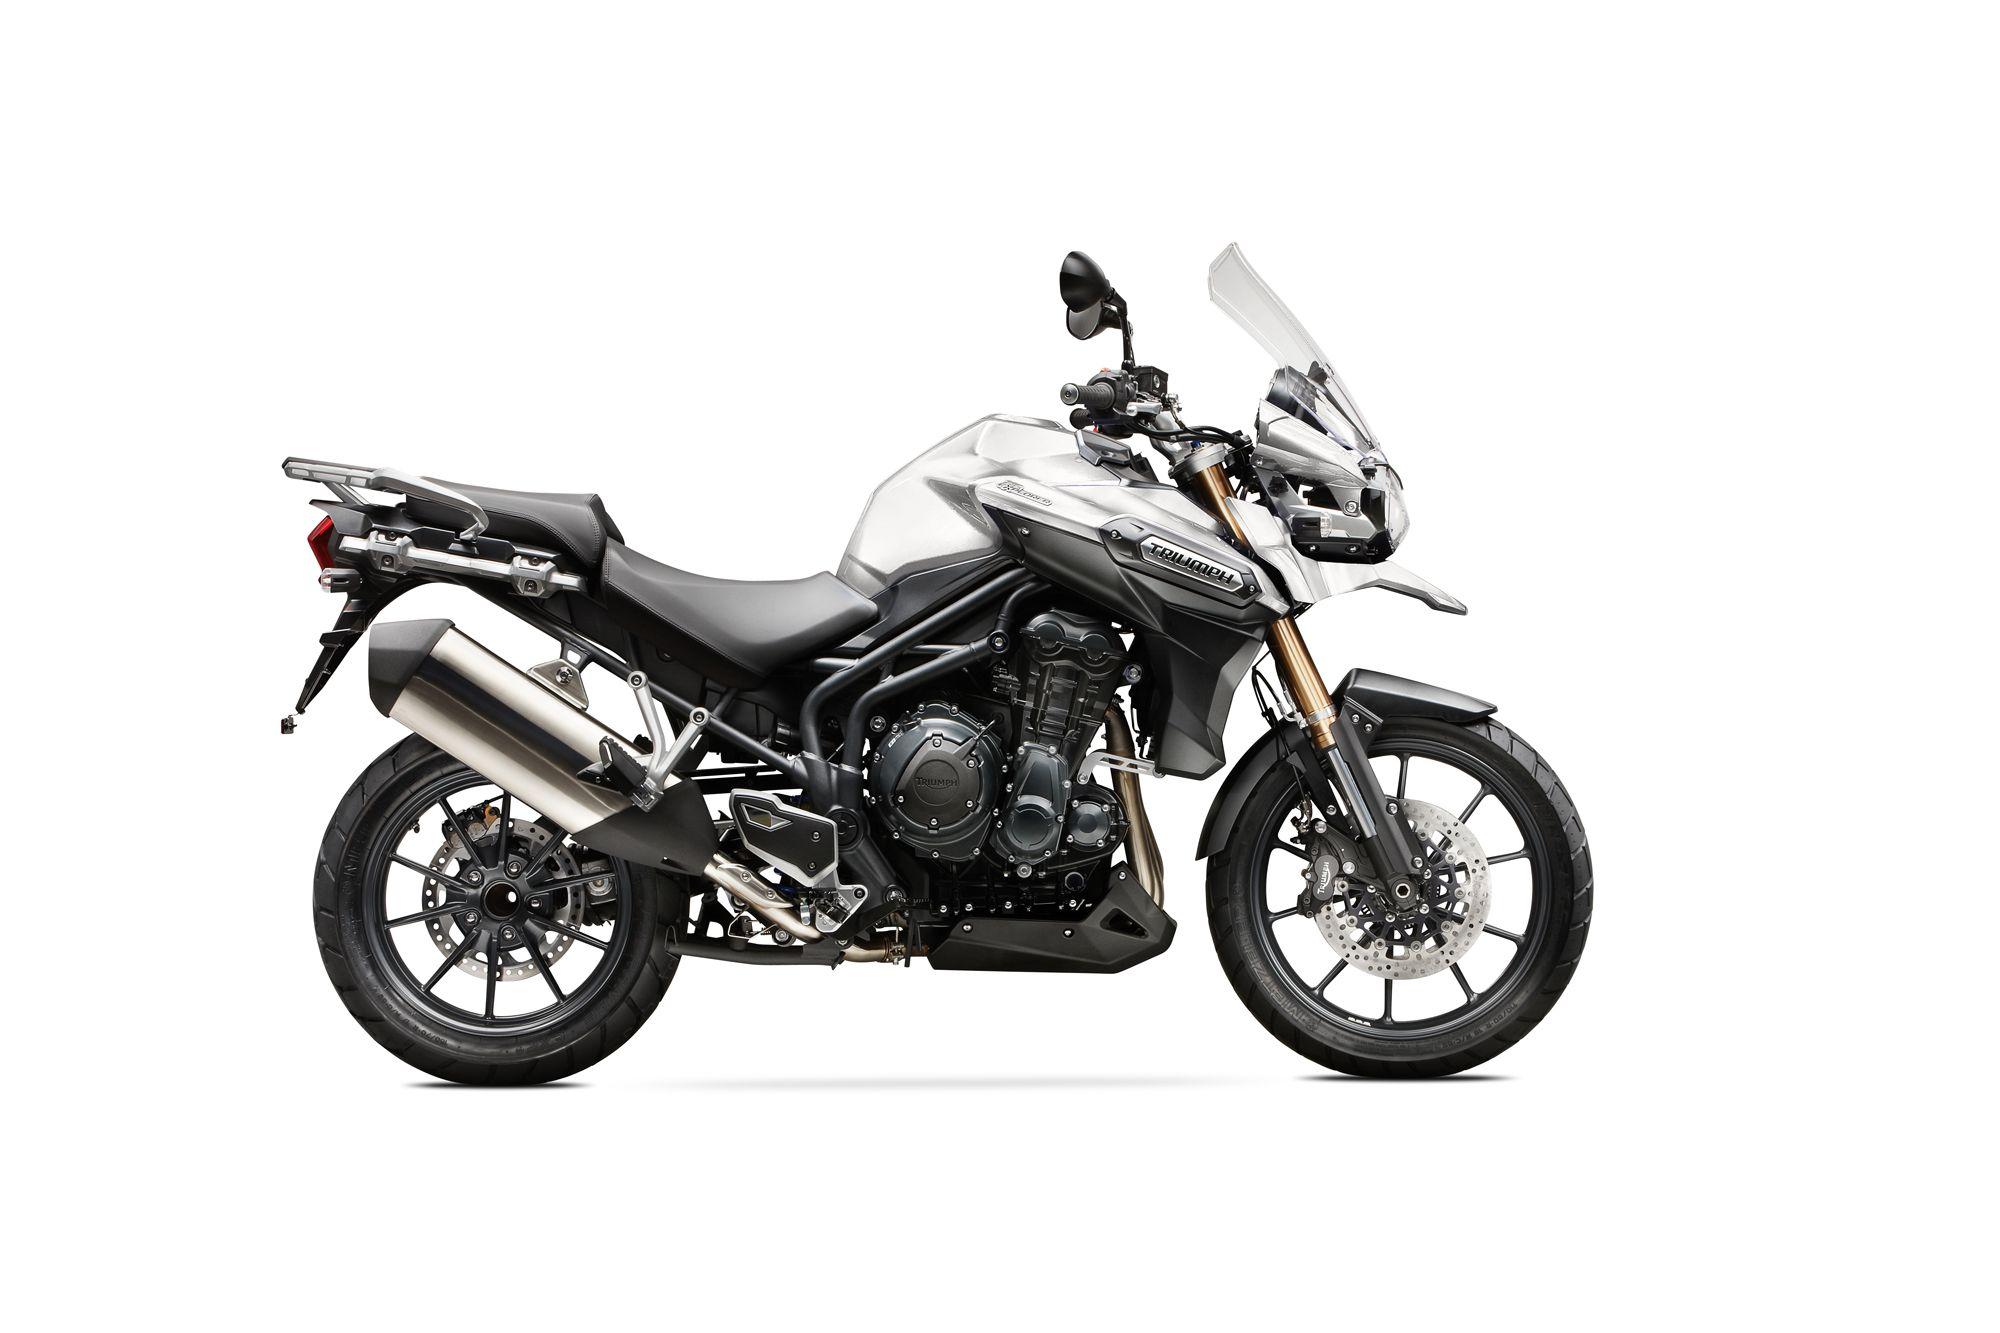 Gebrauchte Und Neue Triumph Tiger Explorer Motorräder Kaufen